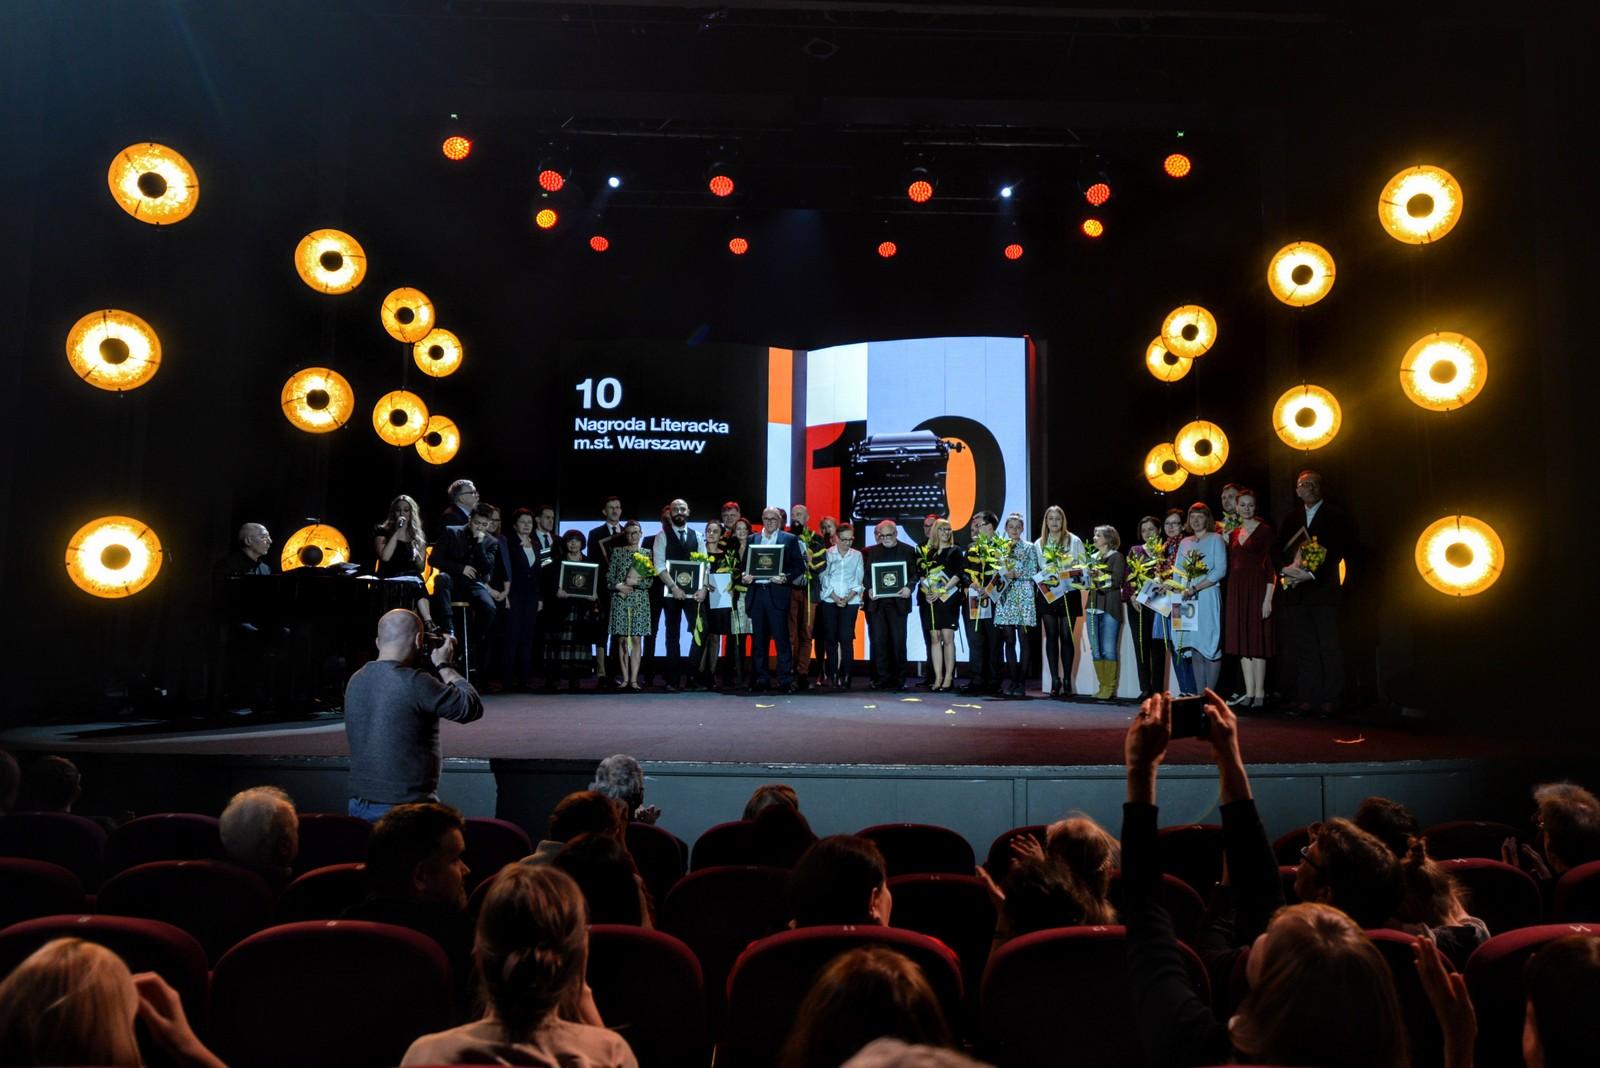 10. Nagroda Literacka m.st. Warszawy – laureaci (źródło: materiały prasowe organizatora)